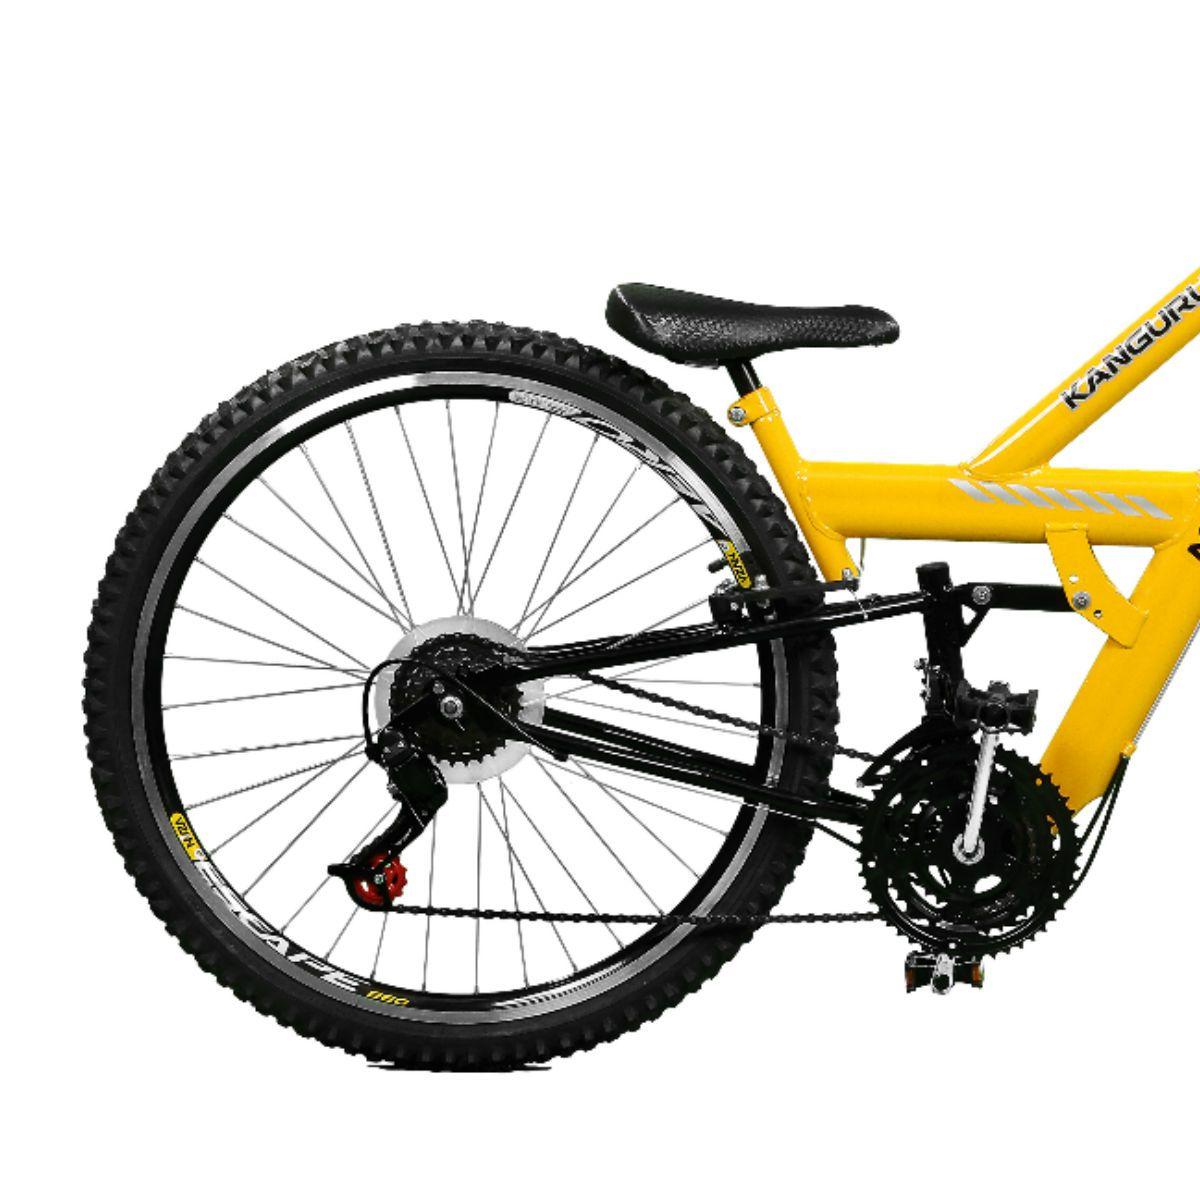 Bicicleta Master Bike Aro 26 Kanguru Rebaixada 21 V A-36 Amarelo/Preto